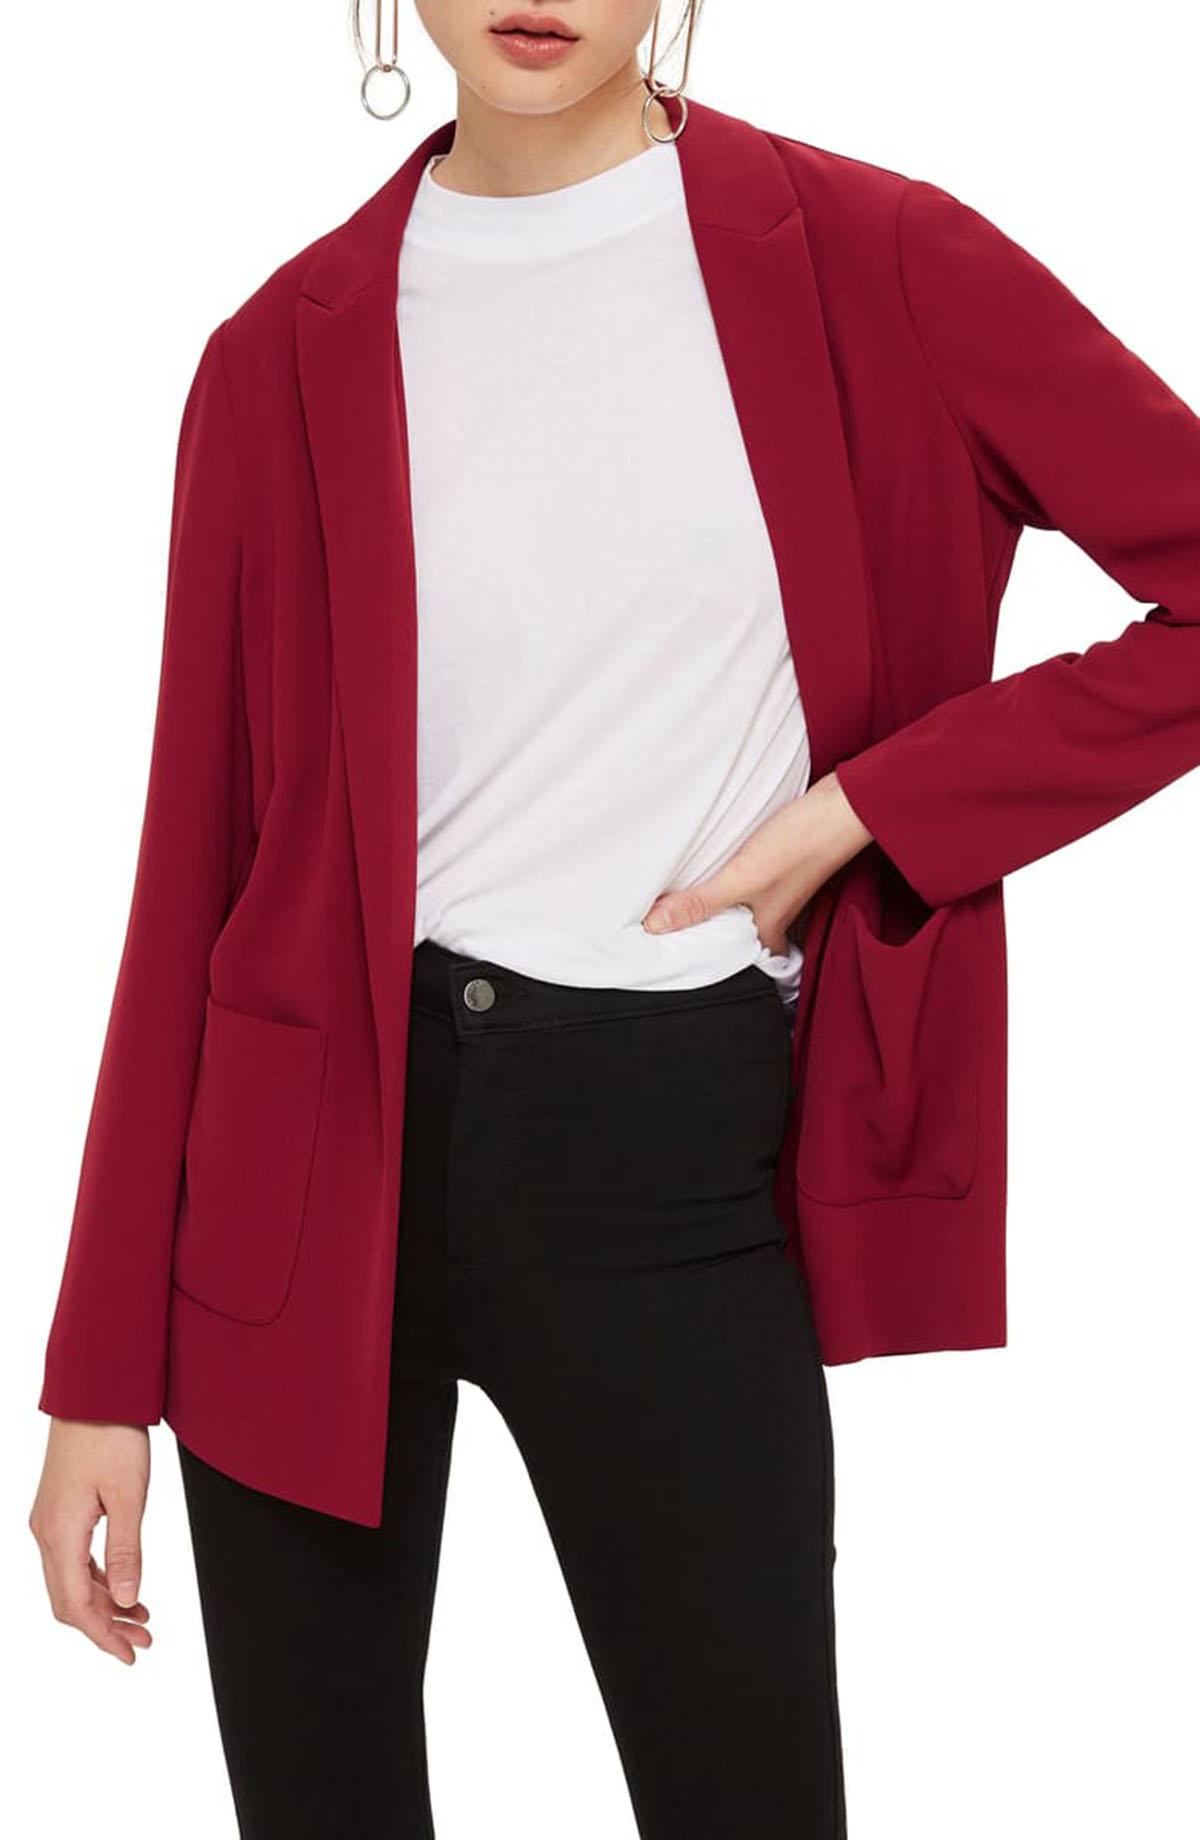 red-blazer-pic